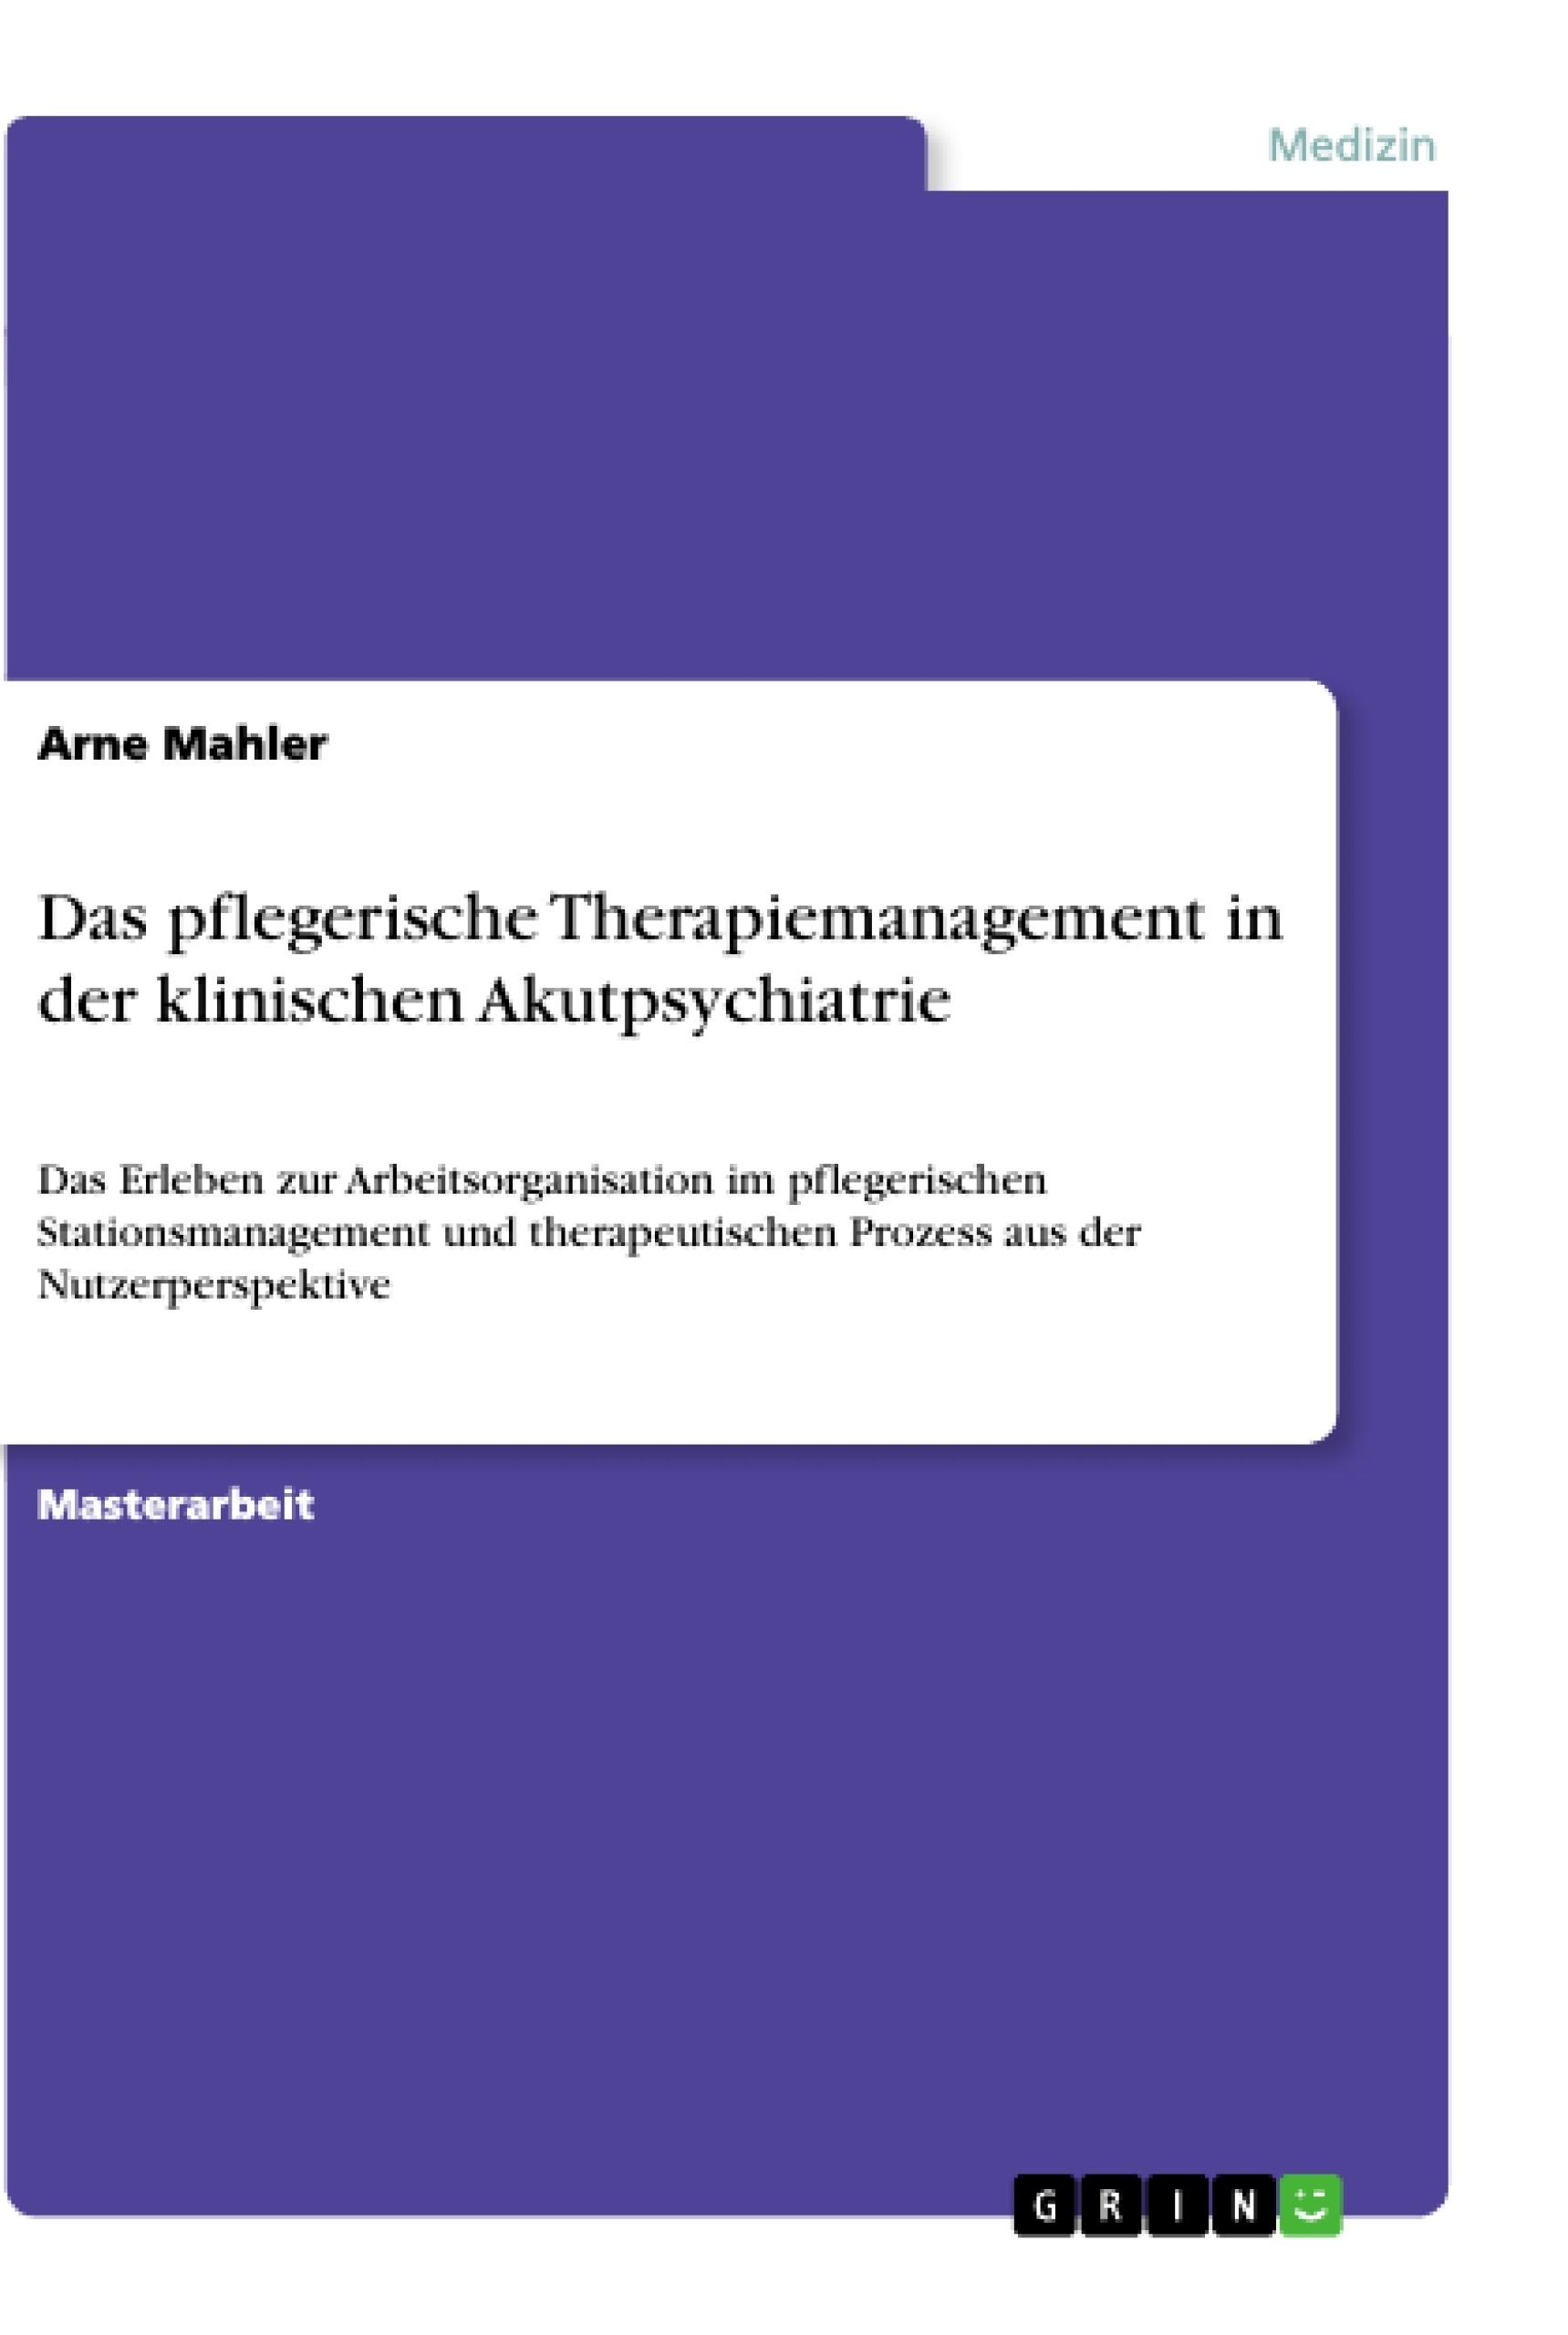 Titel: Das pflegerische Therapiemanagement in der klinischen Akutpsychiatrie